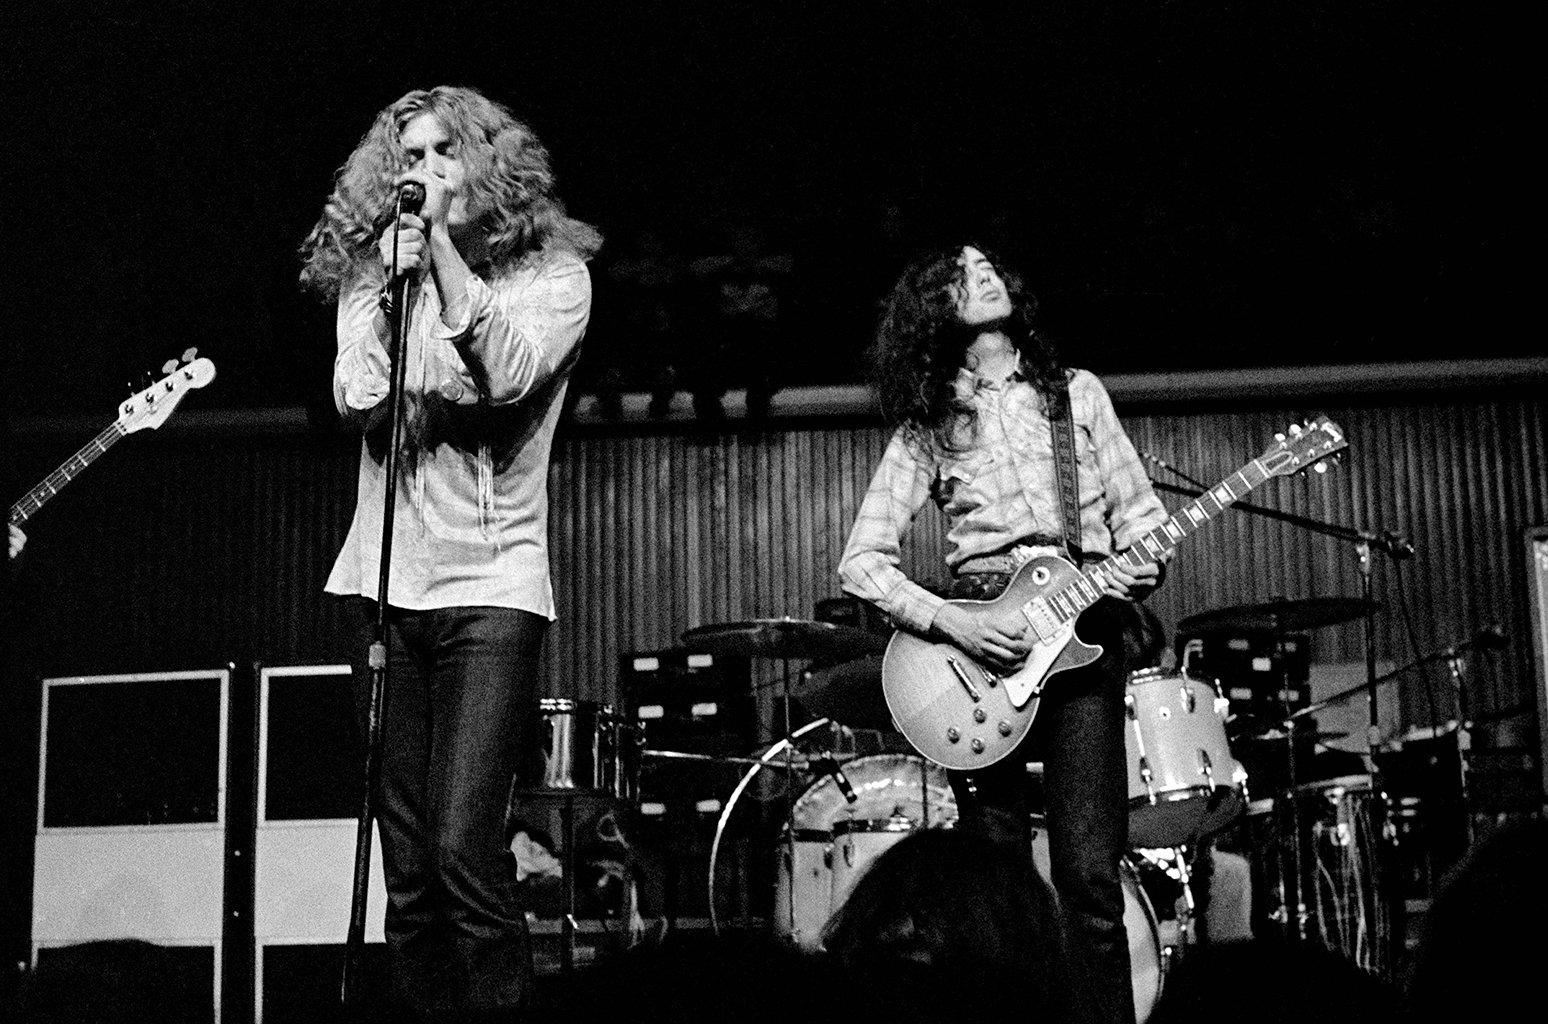 Stairway to Heaven Led Zeppelin Taurus Spirit плагиат судебное разбирательство тяжба группа композиция новости музыка отвратительные мужики